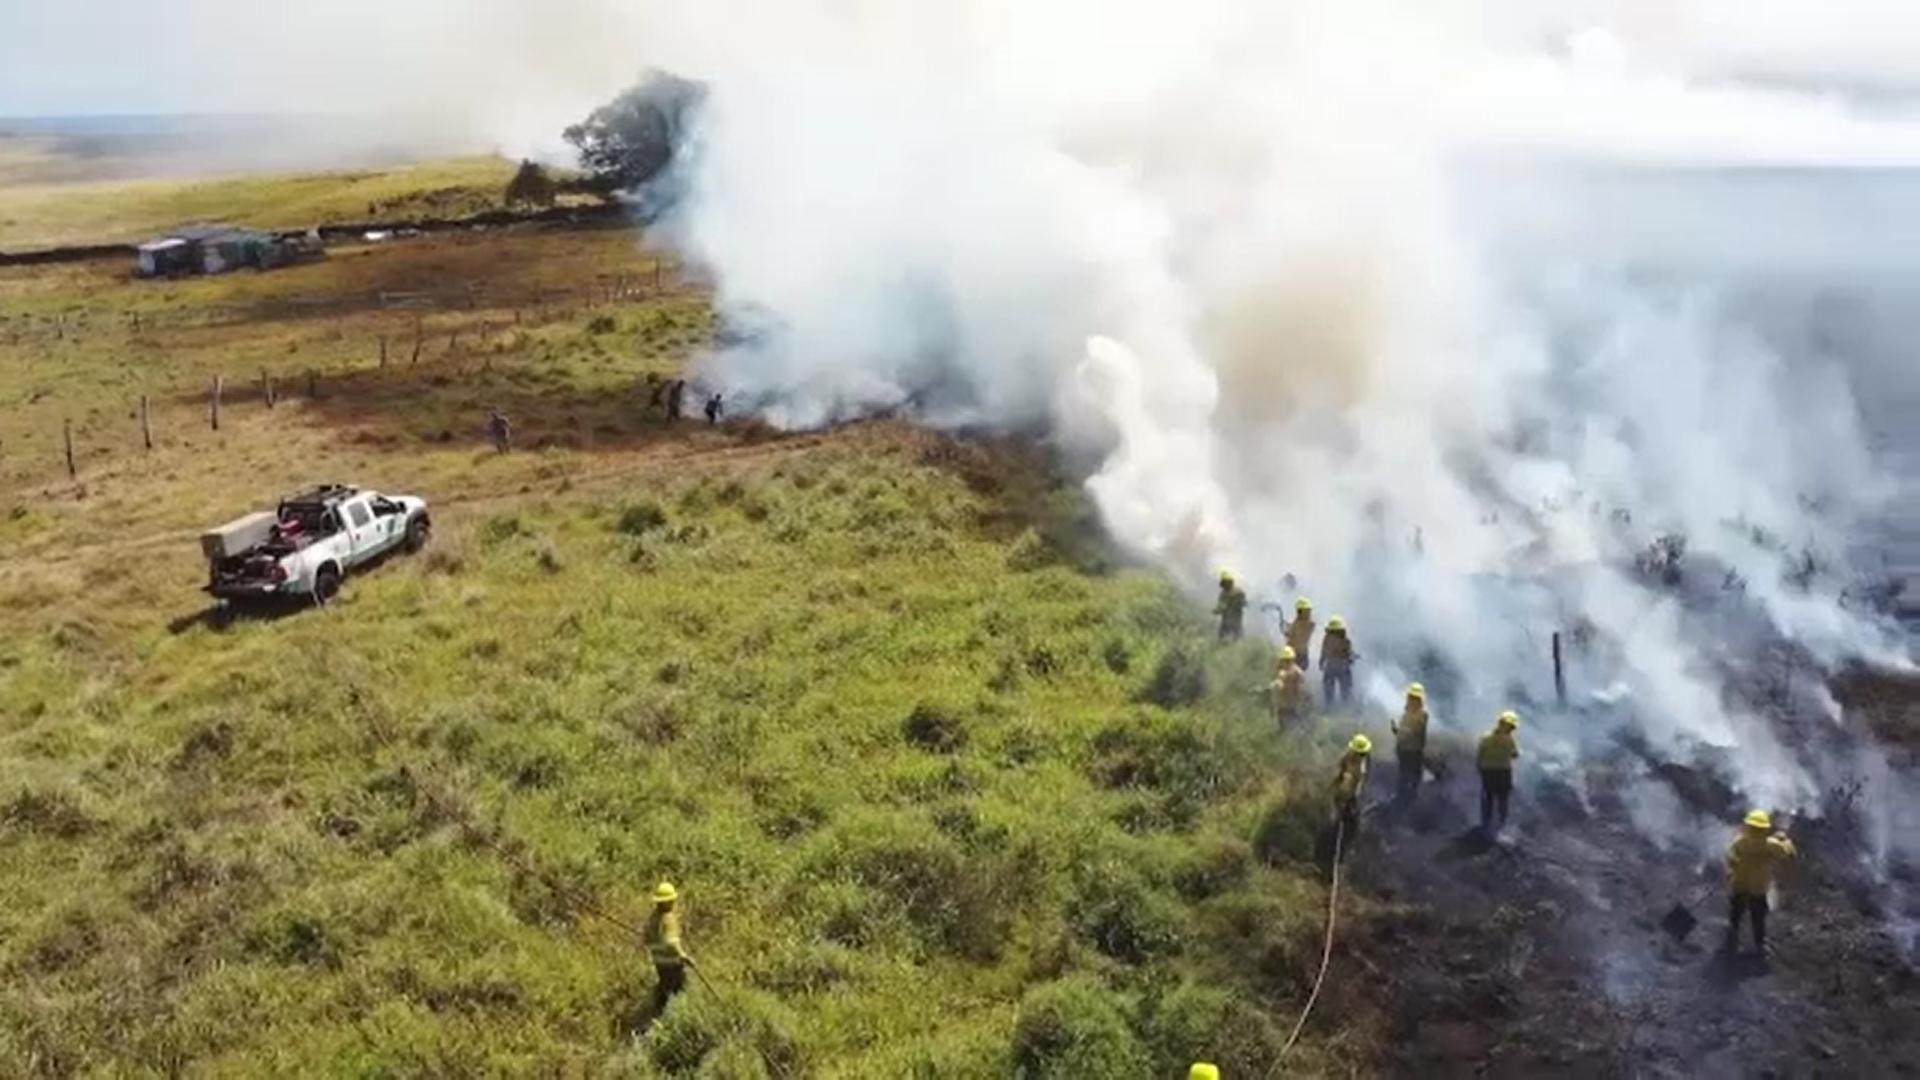 Incendii uriaşe de vegetaţie pun în pericol fascinanta Insulă a Paştelui din Chile